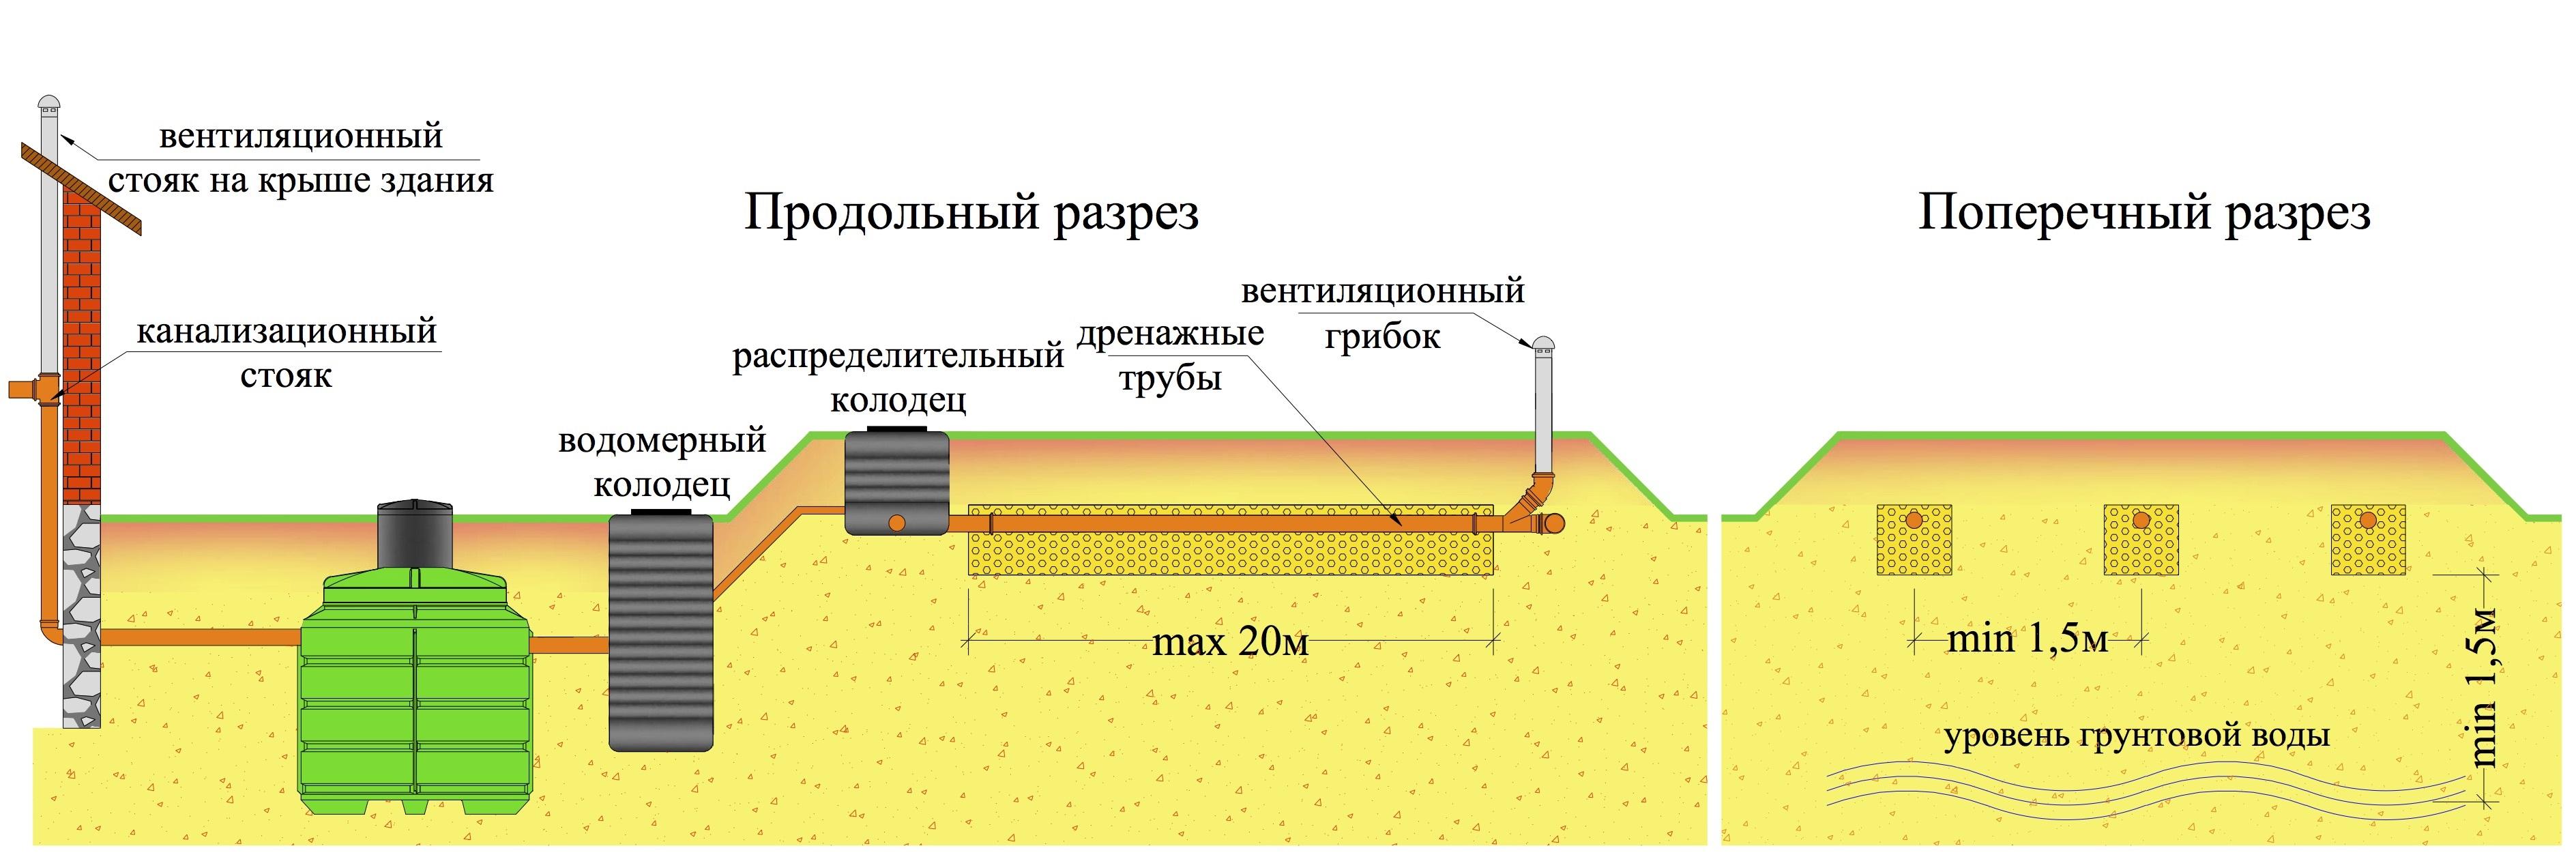 Дачная канализация при высоком уровне грунтовых вод